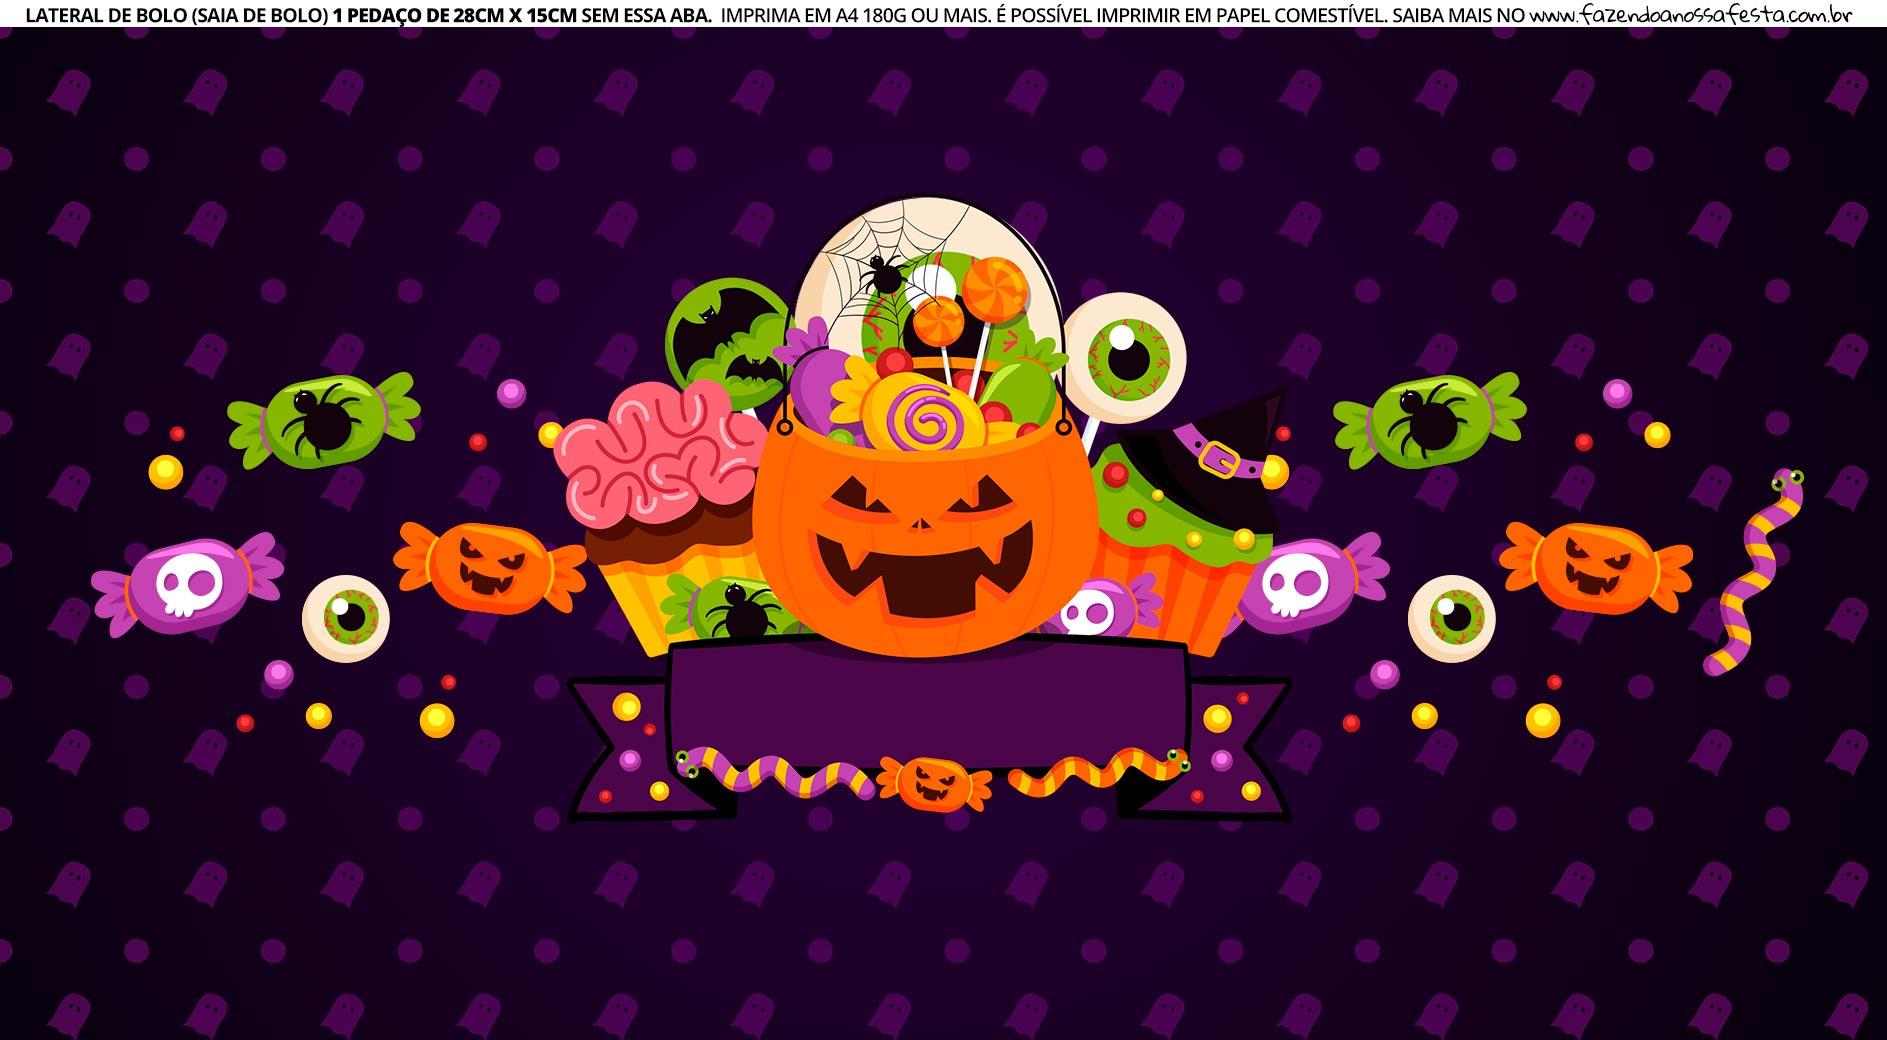 Faixa Lateral de Bolo Tema Halloween Abobora